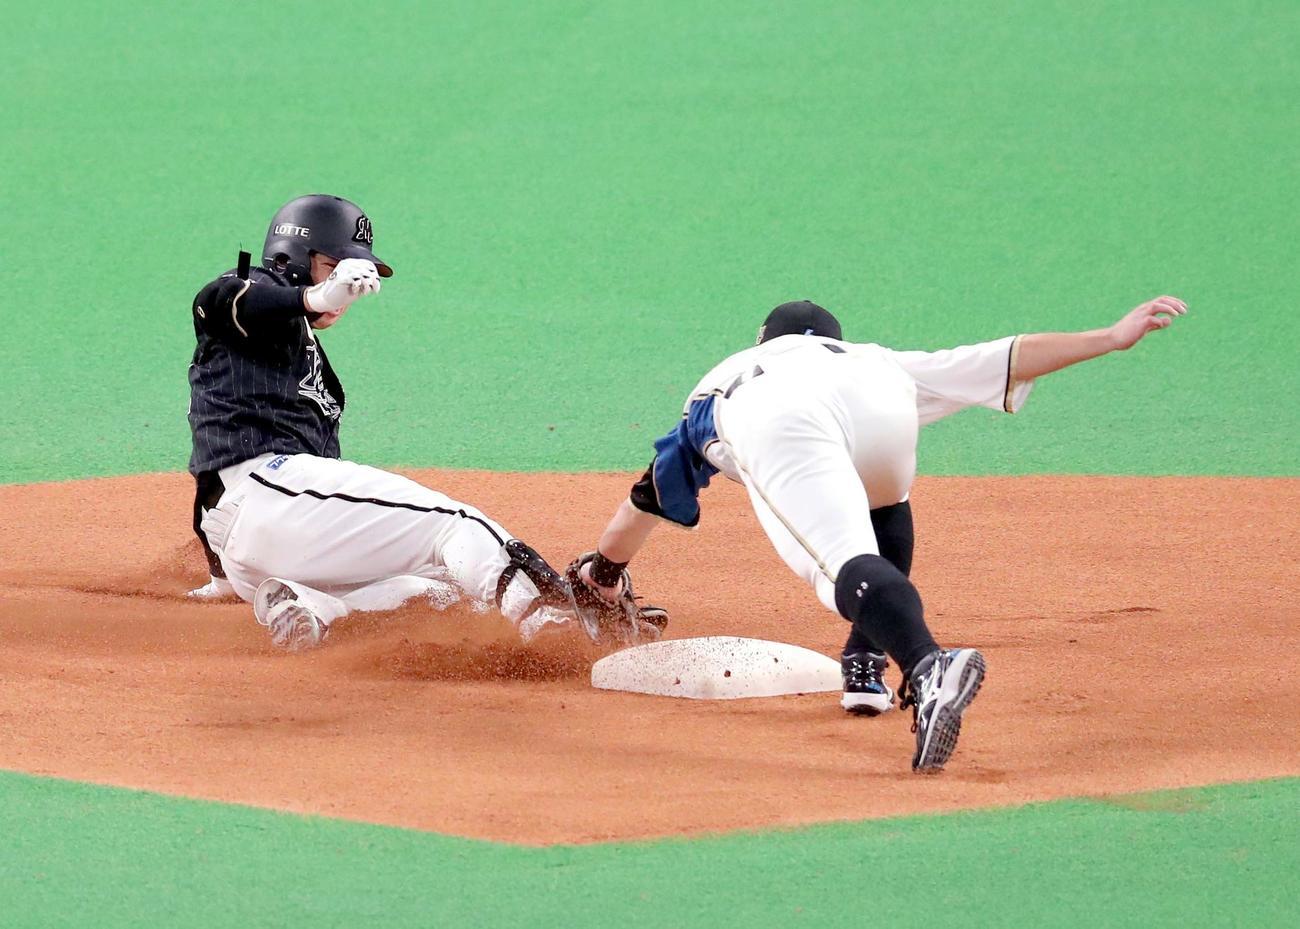 日本ハム対ロッテ 1回表ロッテ2死、菅野は左前打を放つも二塁でタッチアウトになる(撮影・佐藤翔太)